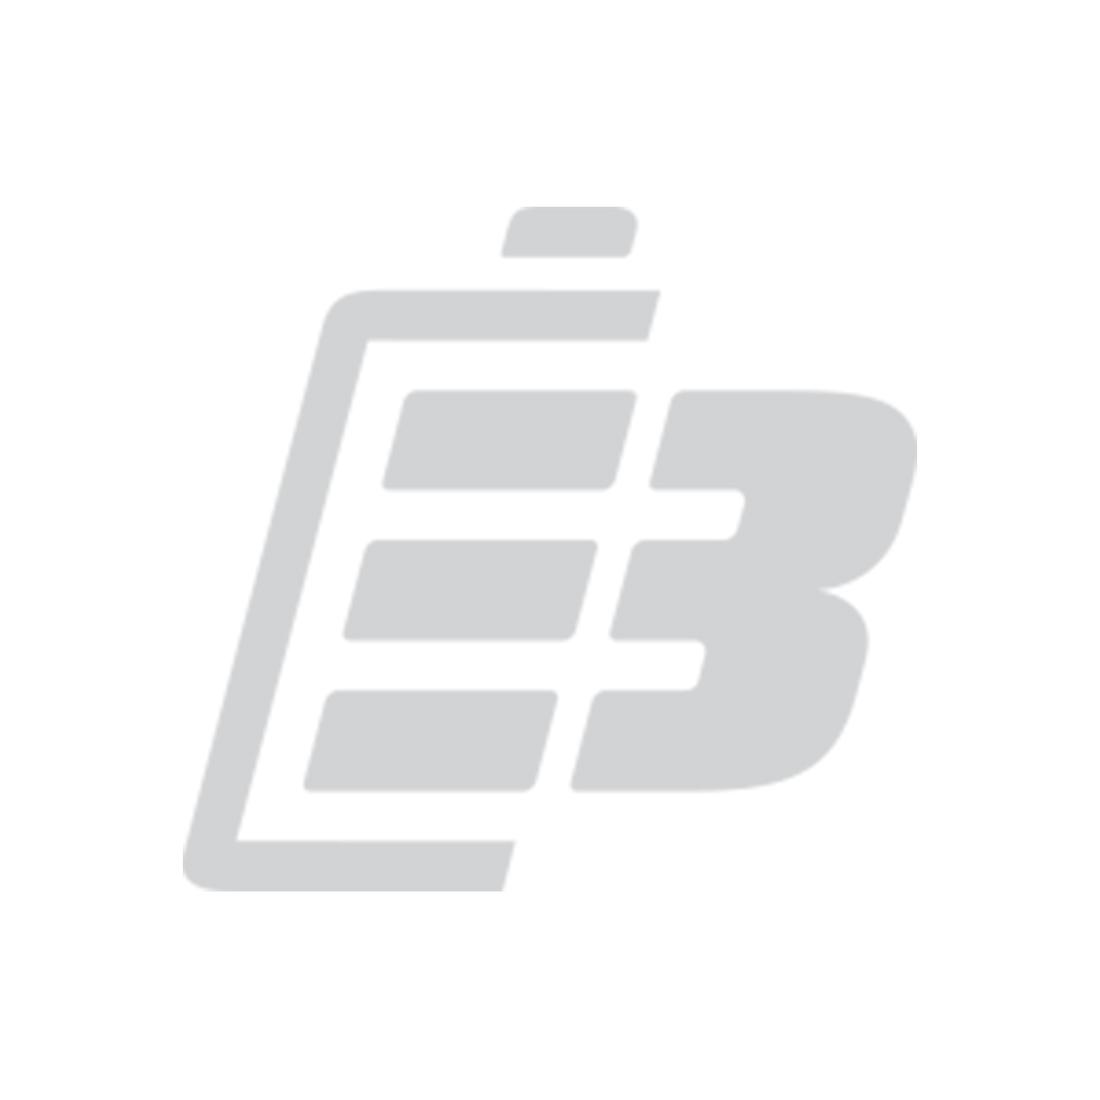 Μπαταρία ασύρματου router TP-Link Portable Mini 3G Mobile_1